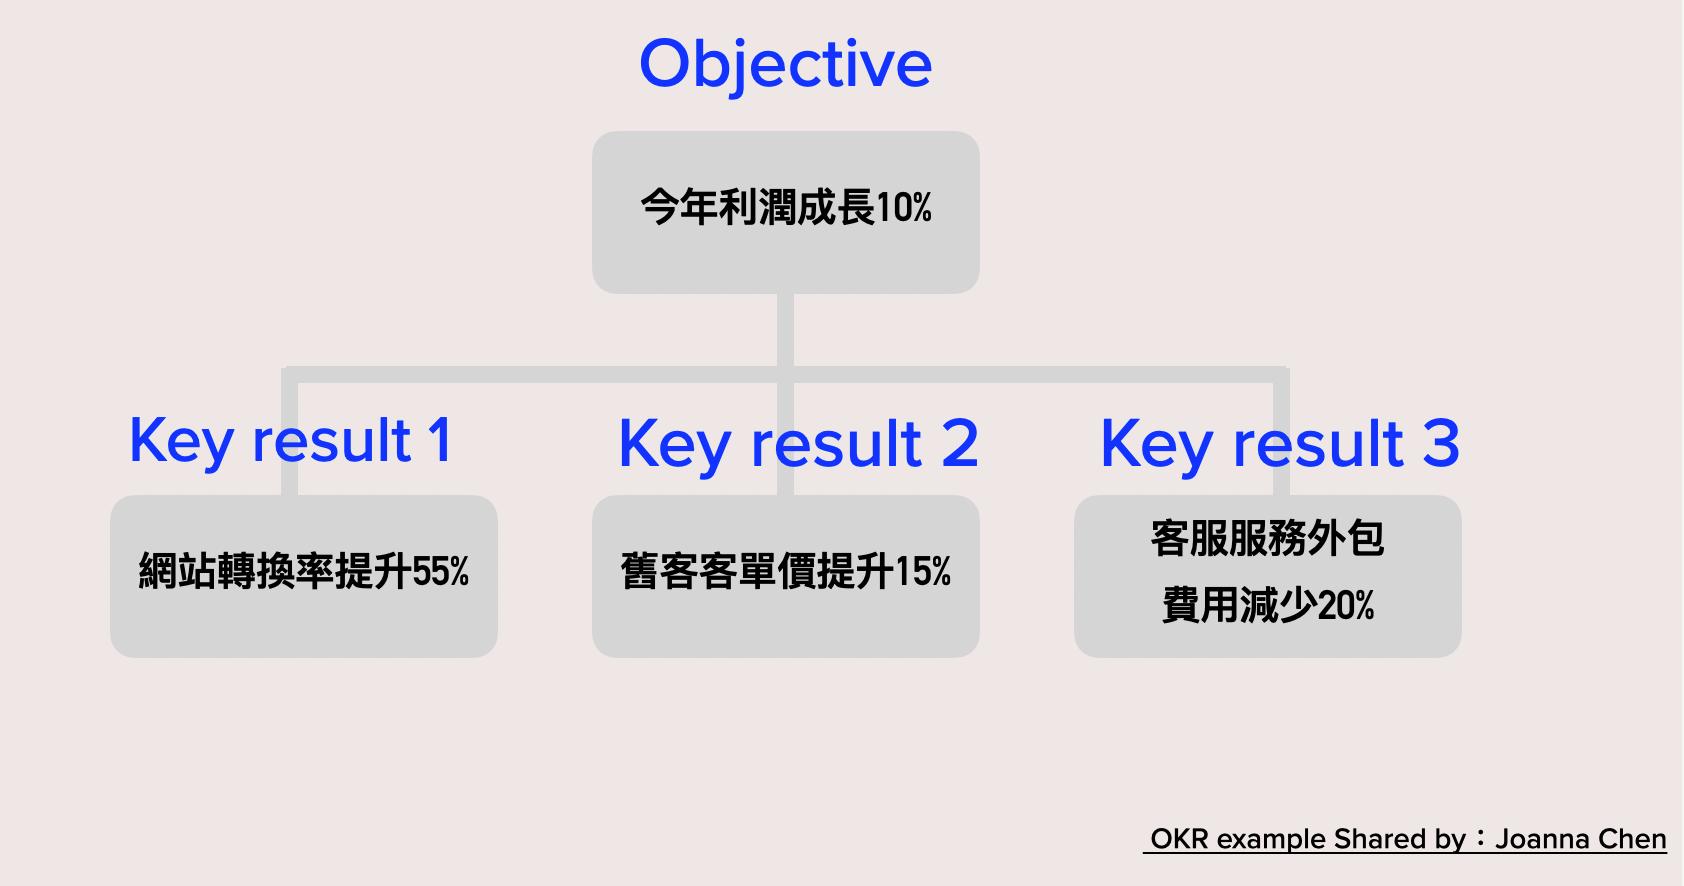 閱讀心得 《 OKR 做最重要的事》重視目標及關鍵結果,提高組織及個人決策品質的目標管理心法   by Joanna Chen ...